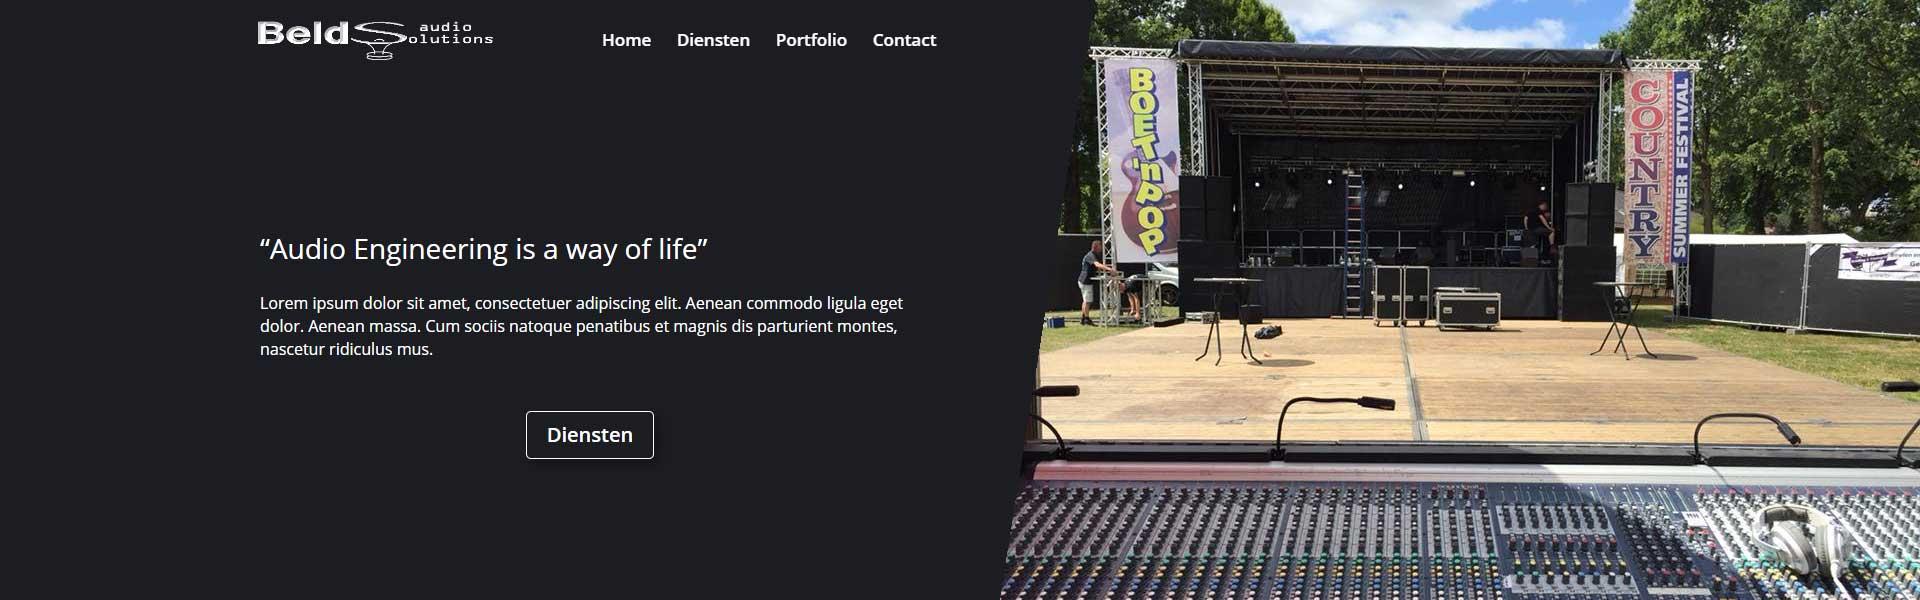 Beld Audio Solutions - Bowie Webdesign - Website op maat